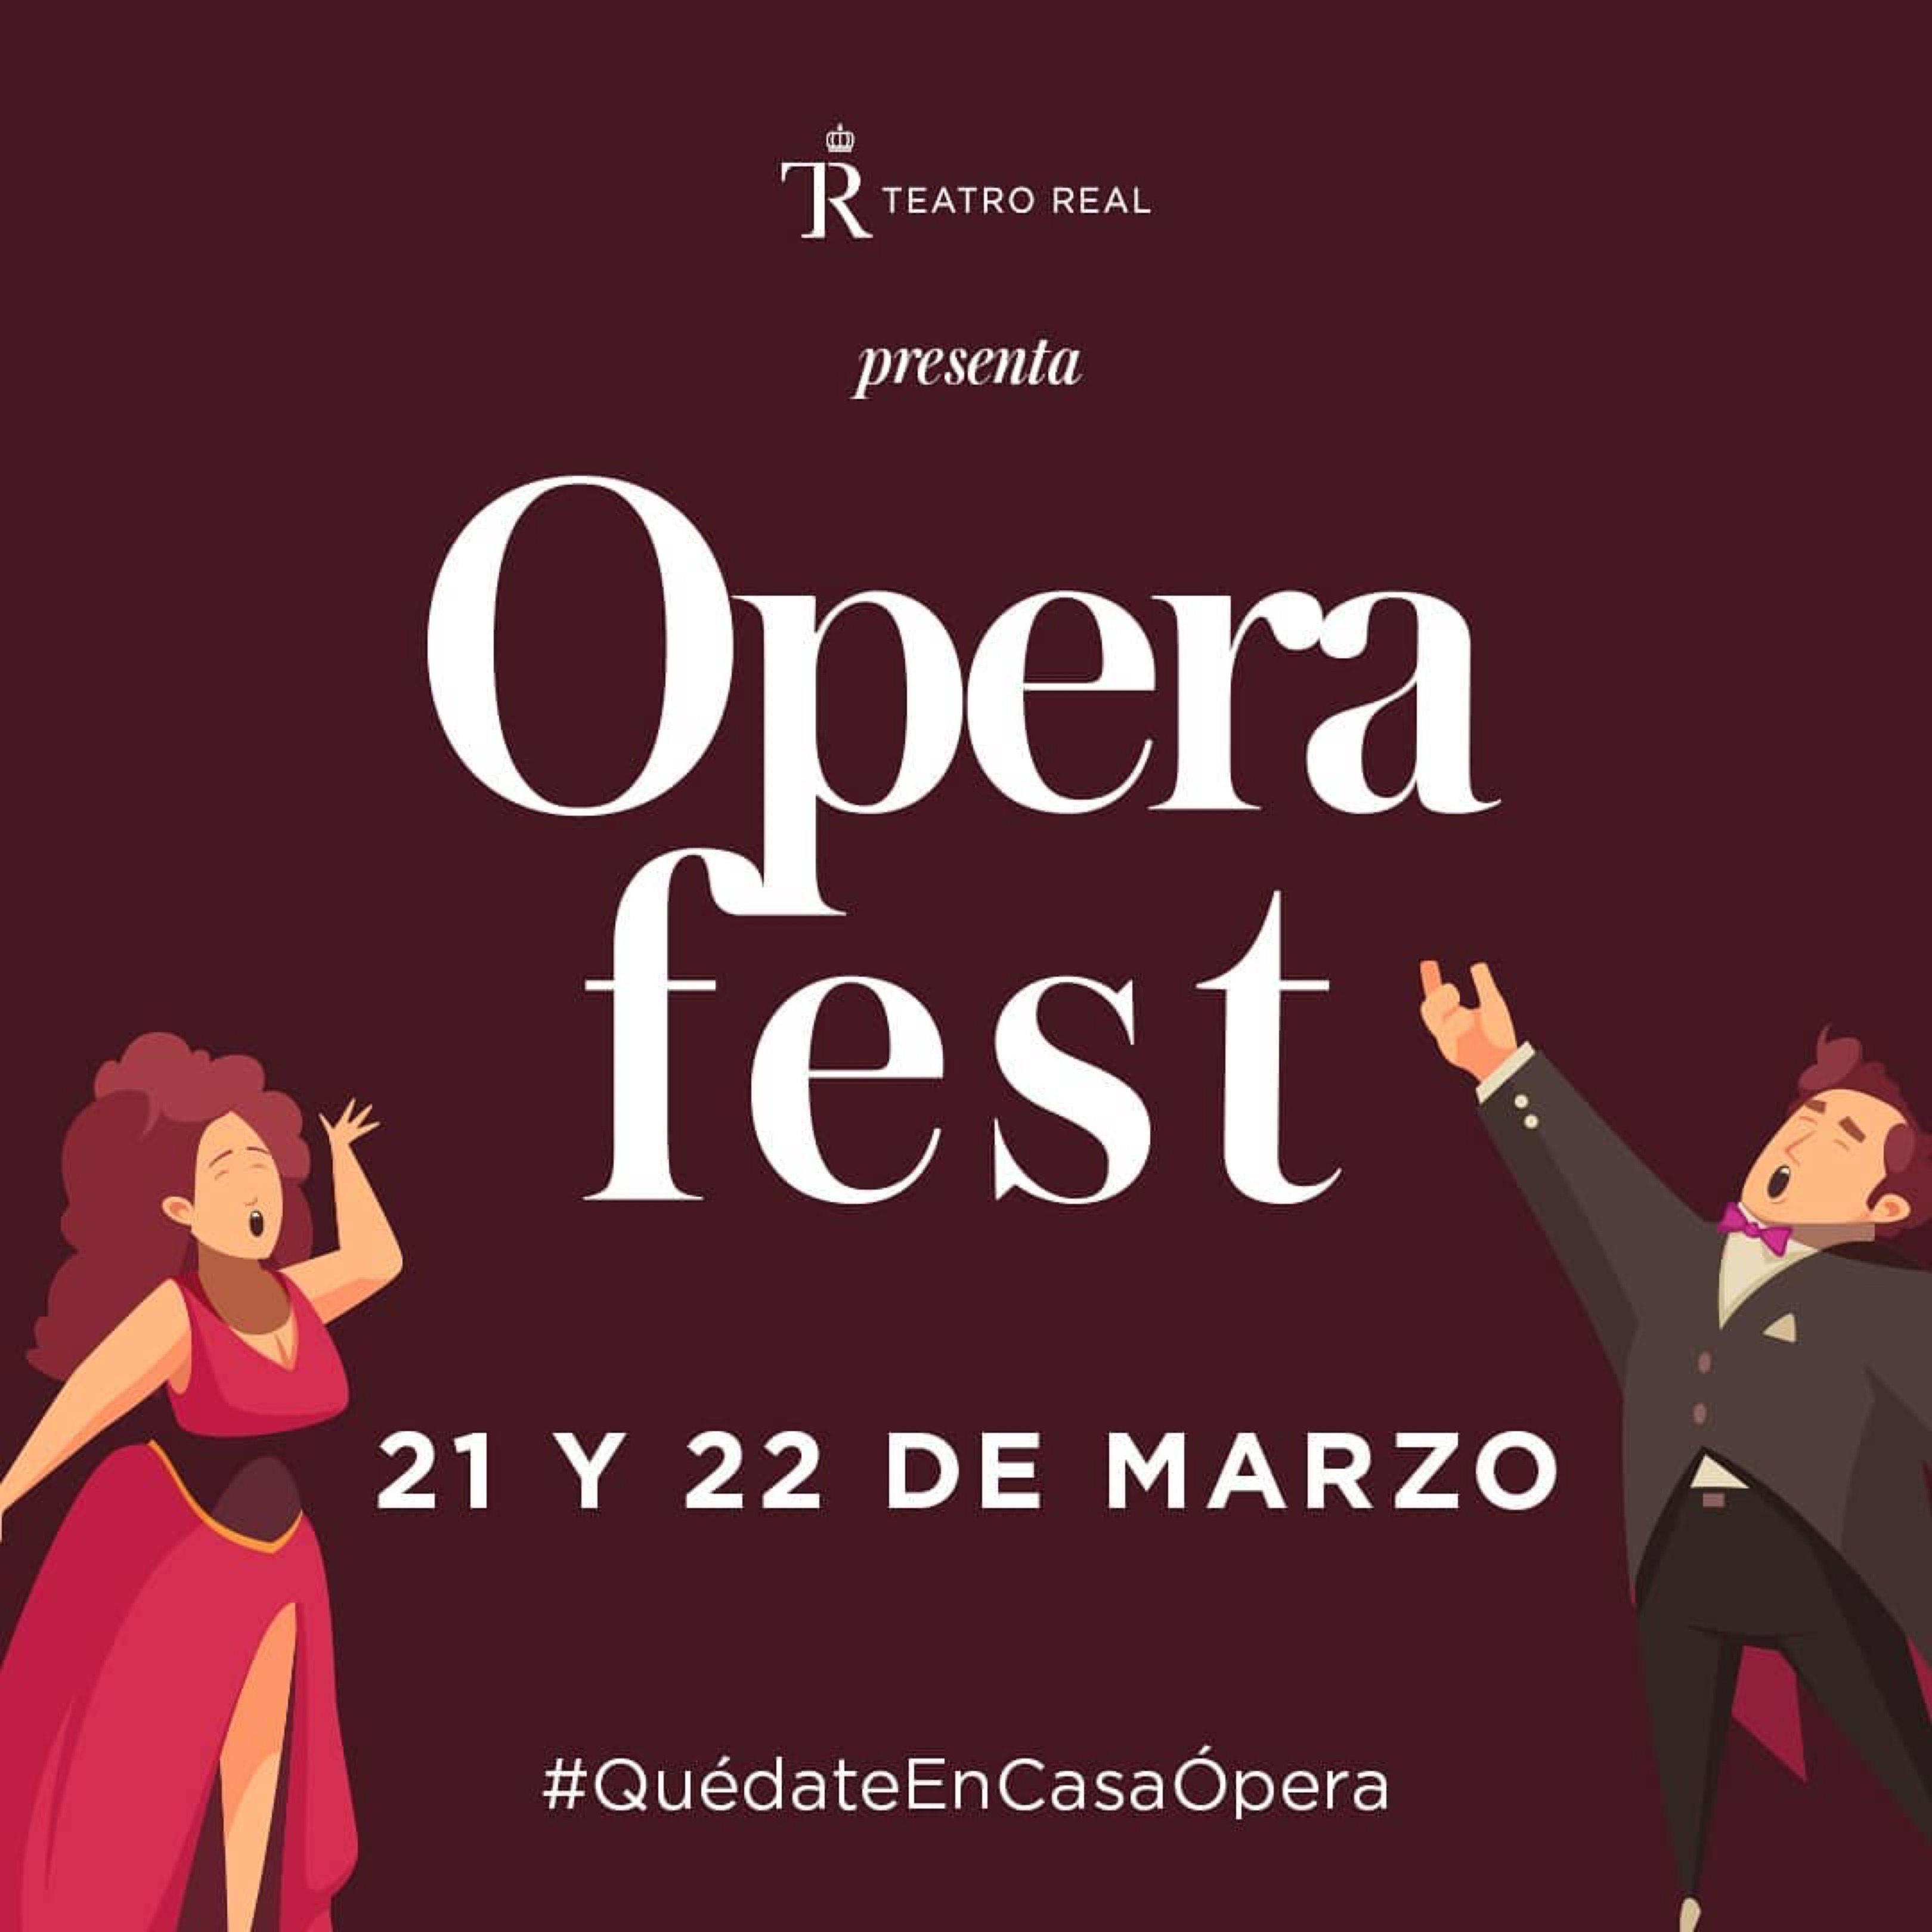 El Teatro Real presenta el #OperaFest